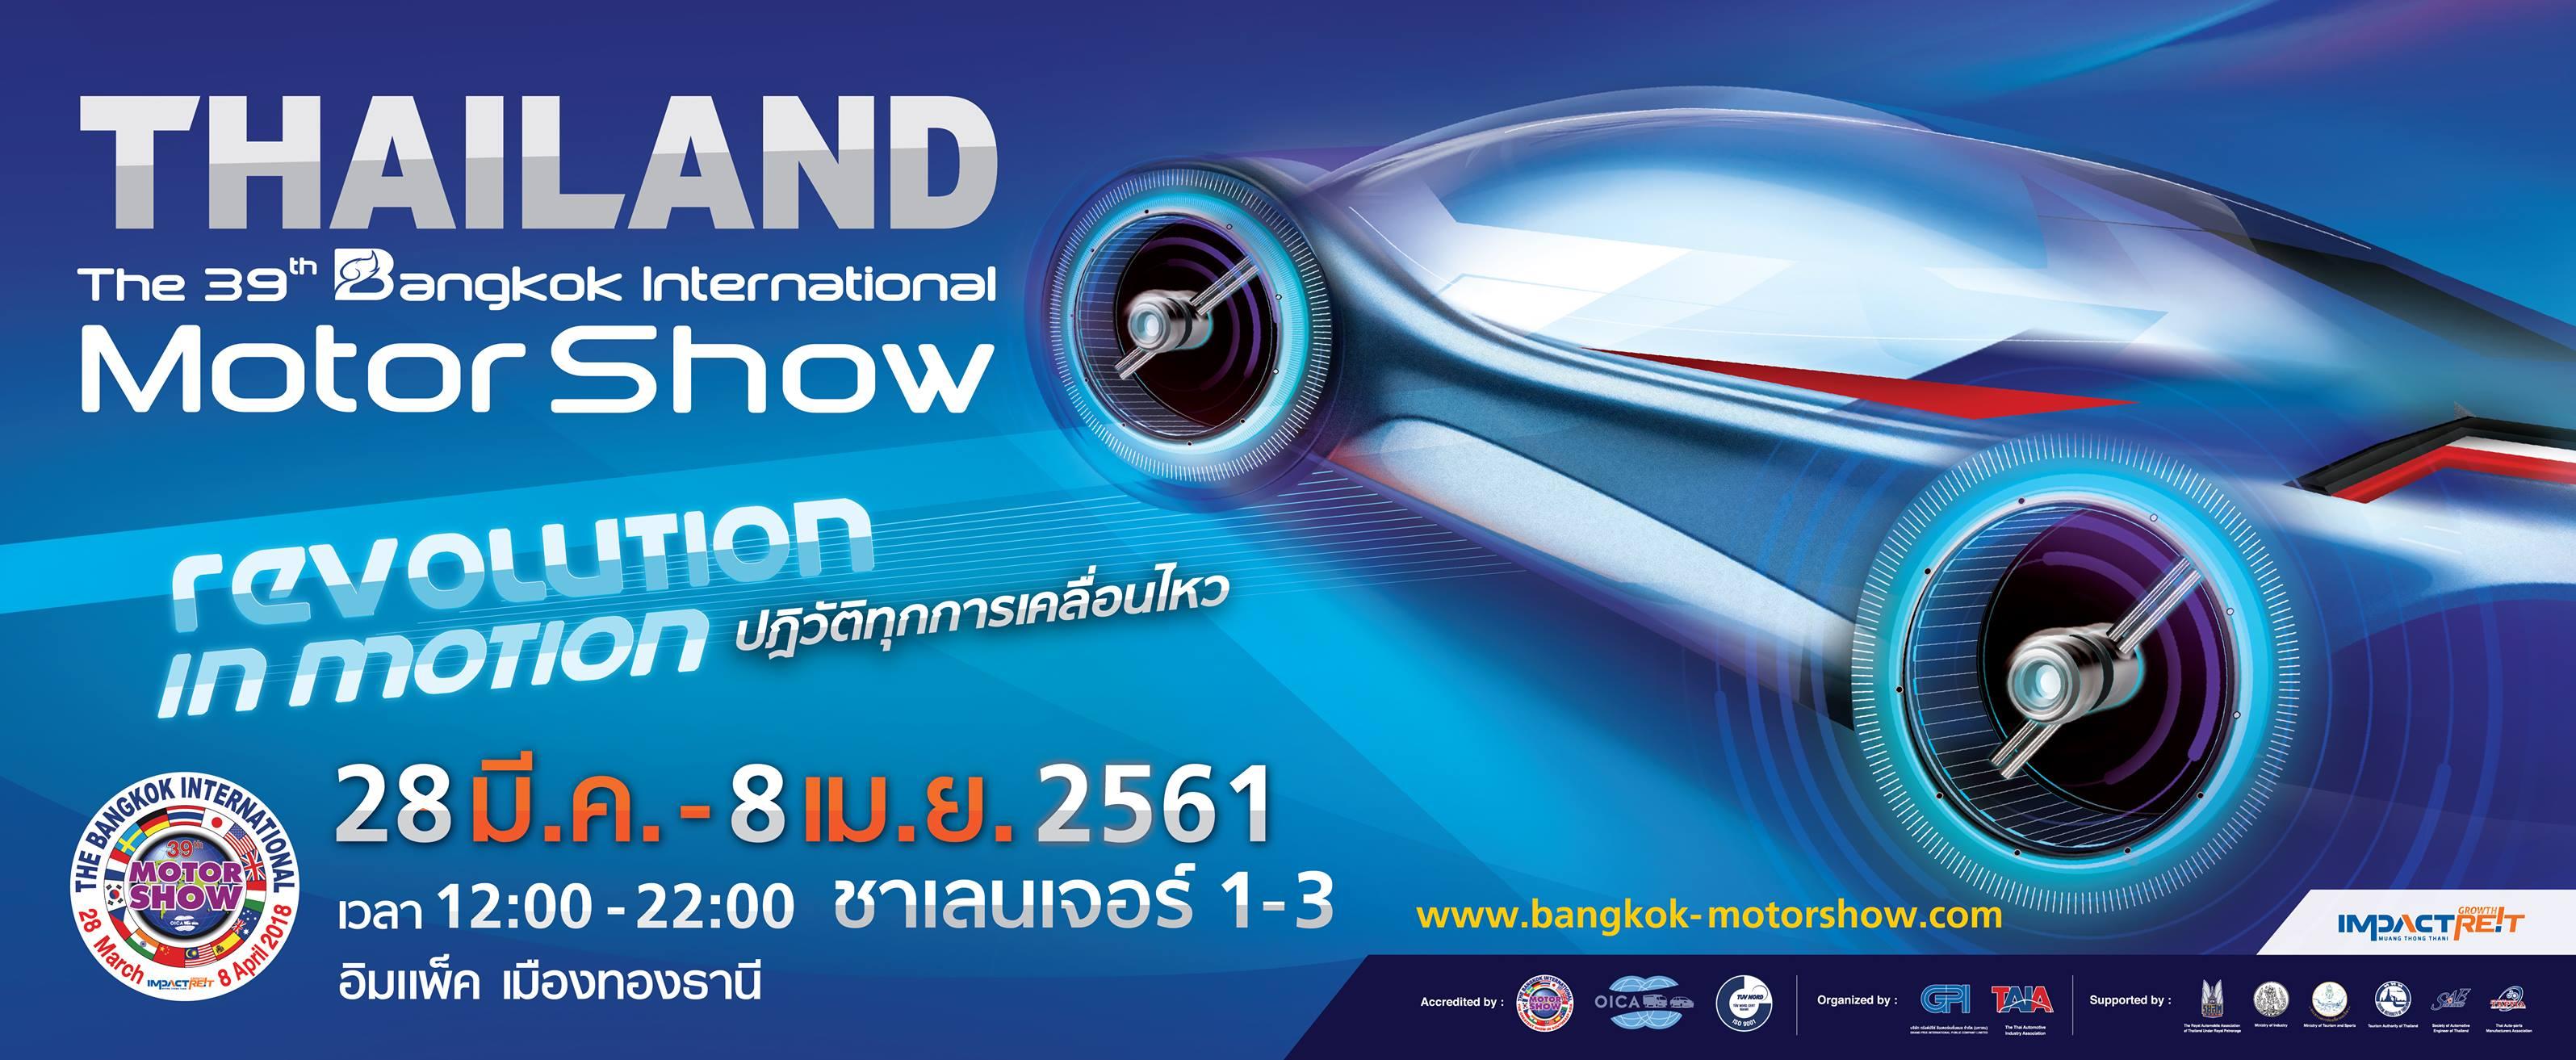 งานมอเตอร์โชว์ 2561 (Motor Show 2018) วันที่ 28 มีนาคม – 8 เมษายน 2561 ณ อิมแพค เมืองทองธานี